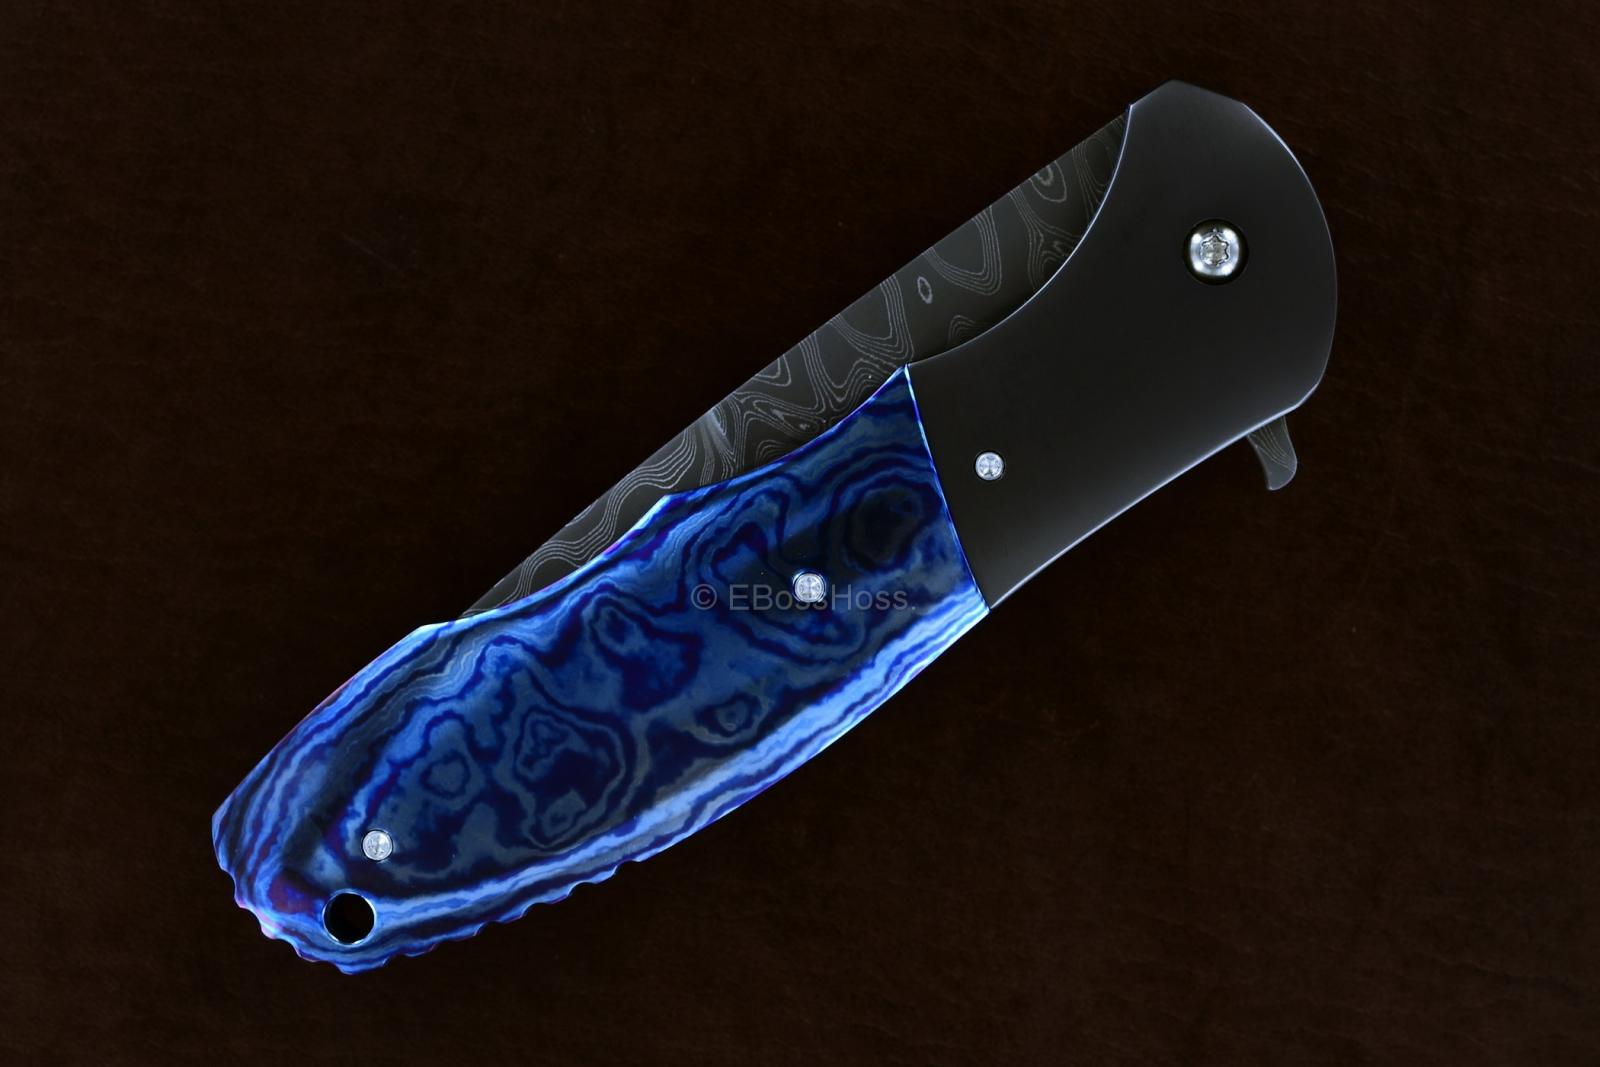 John W. Smith Custom Very Deluxe F4 Flipper